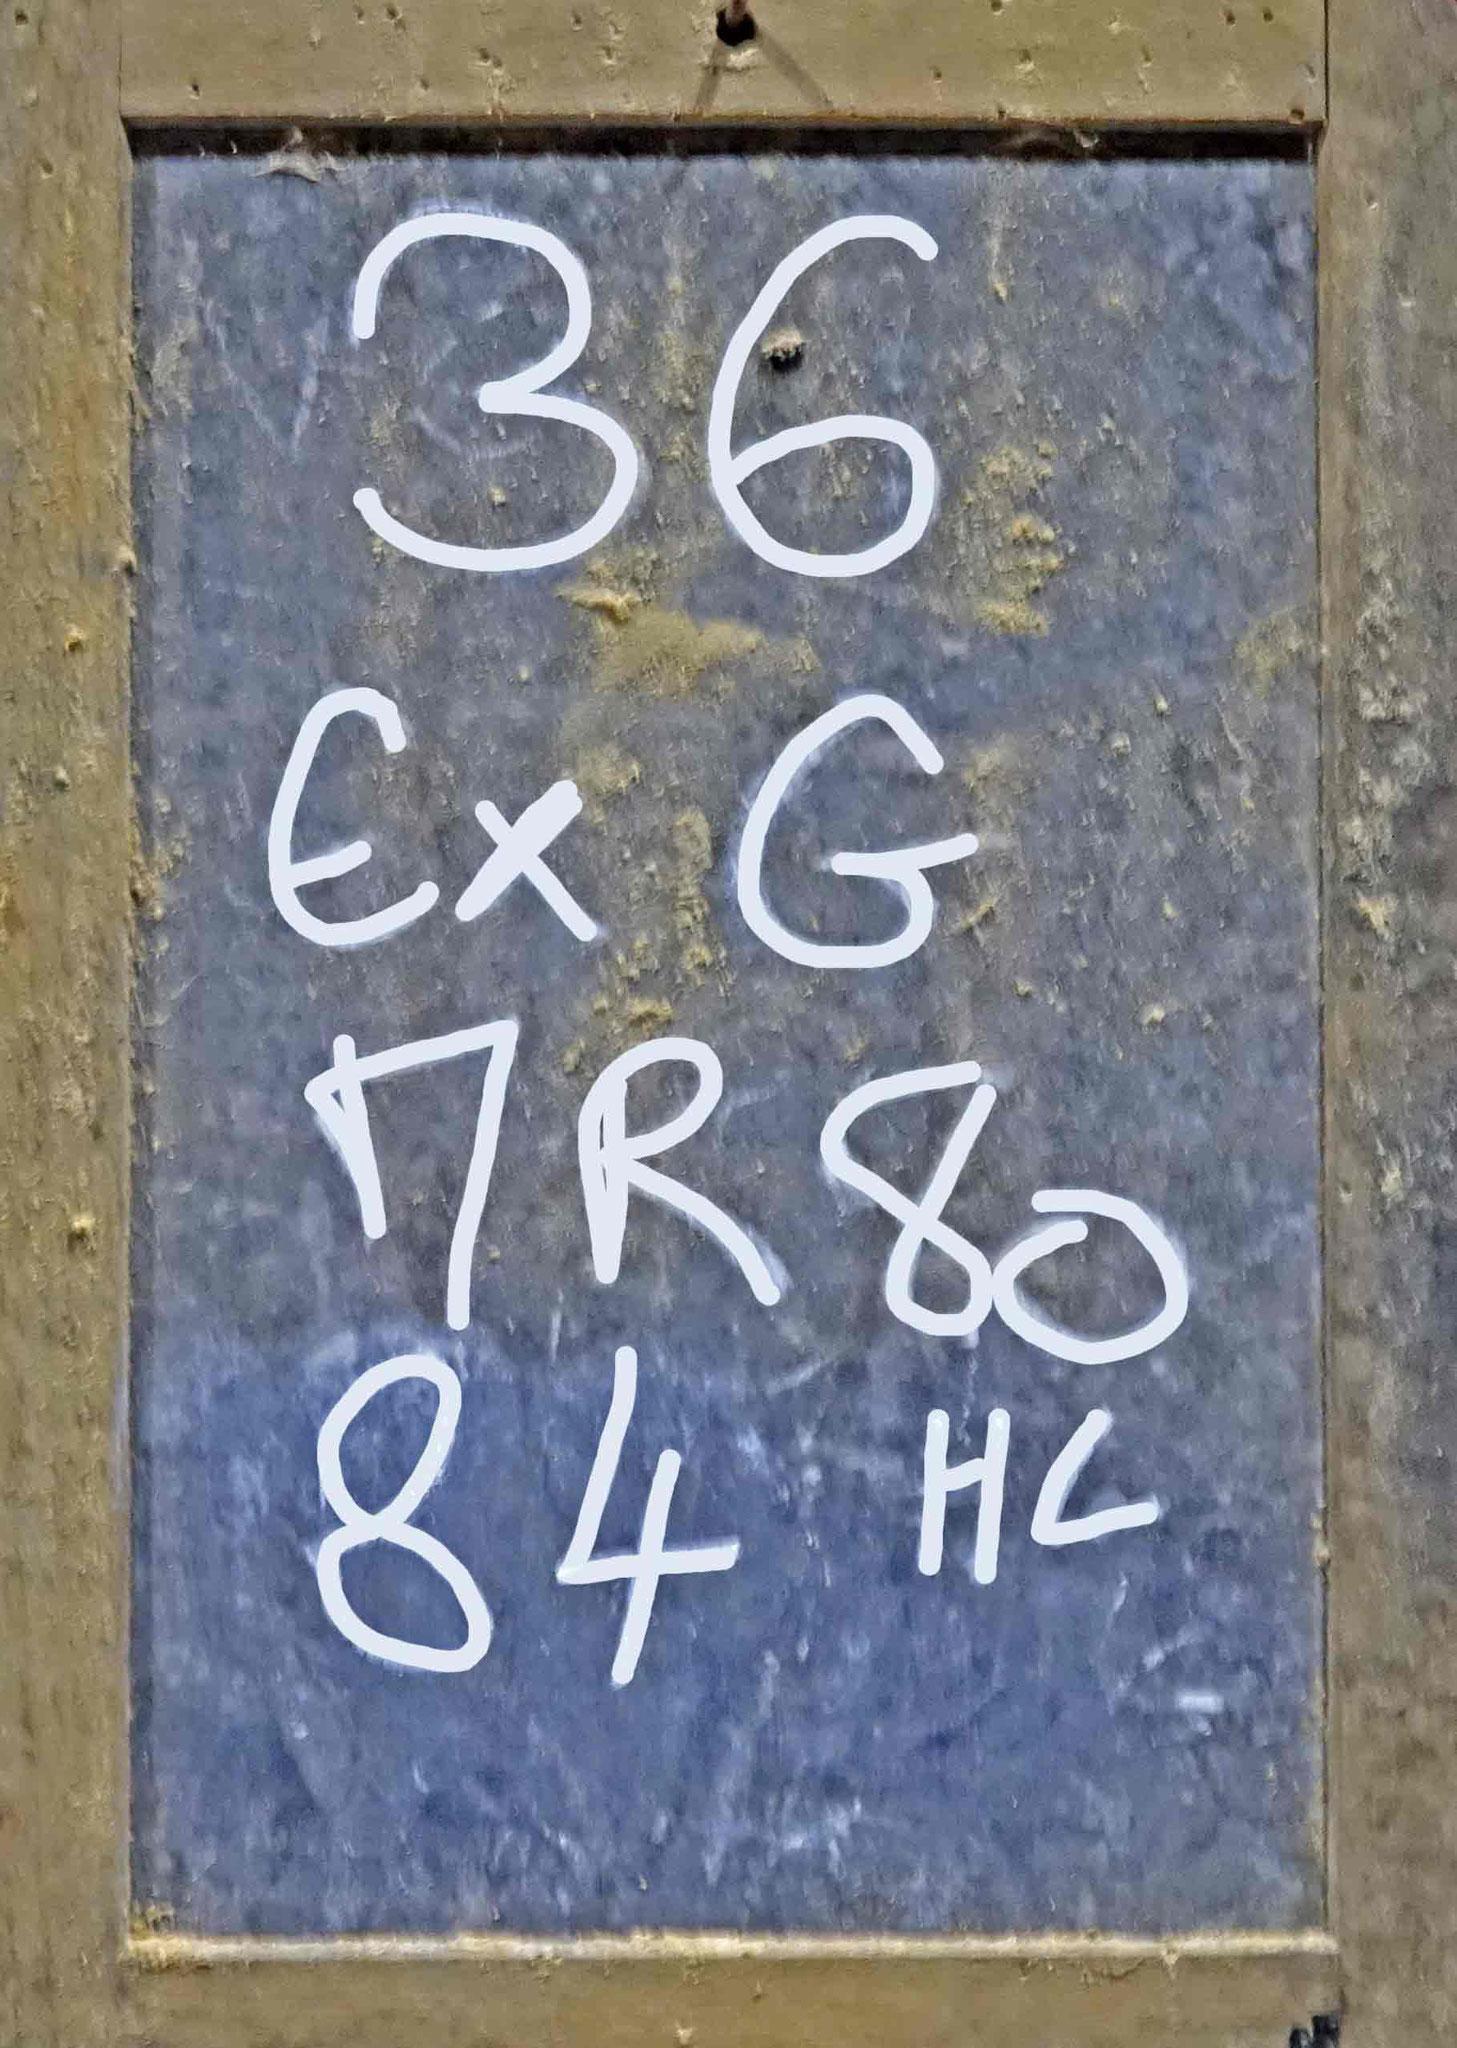 Foudre N°36 dans lequel il reste 84 hl de Maury 1980